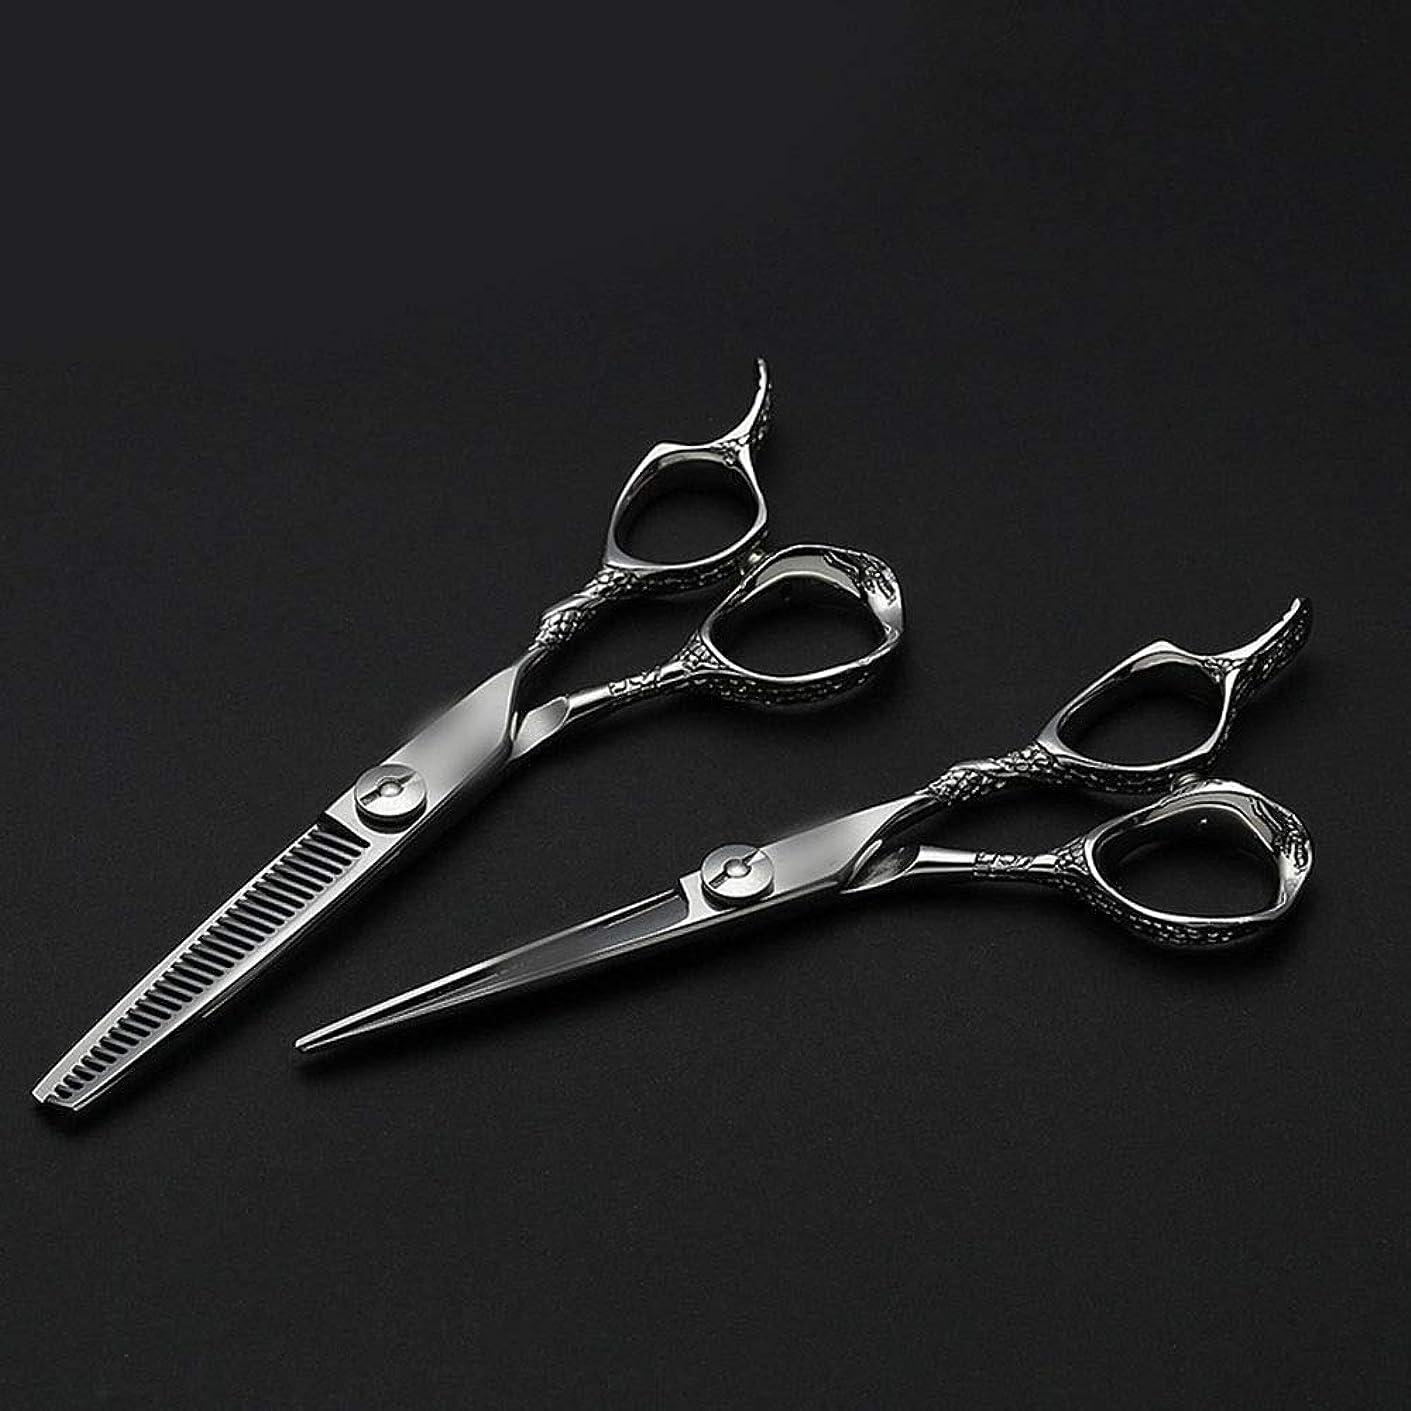 自分のために錆びマウント5.5インチプロフェッショナル理髪セット、440Cドラゴンハンドルカットプロフェッショナルヘアカットフラット+歯はさみセット モデリングツール (色 : Silver)